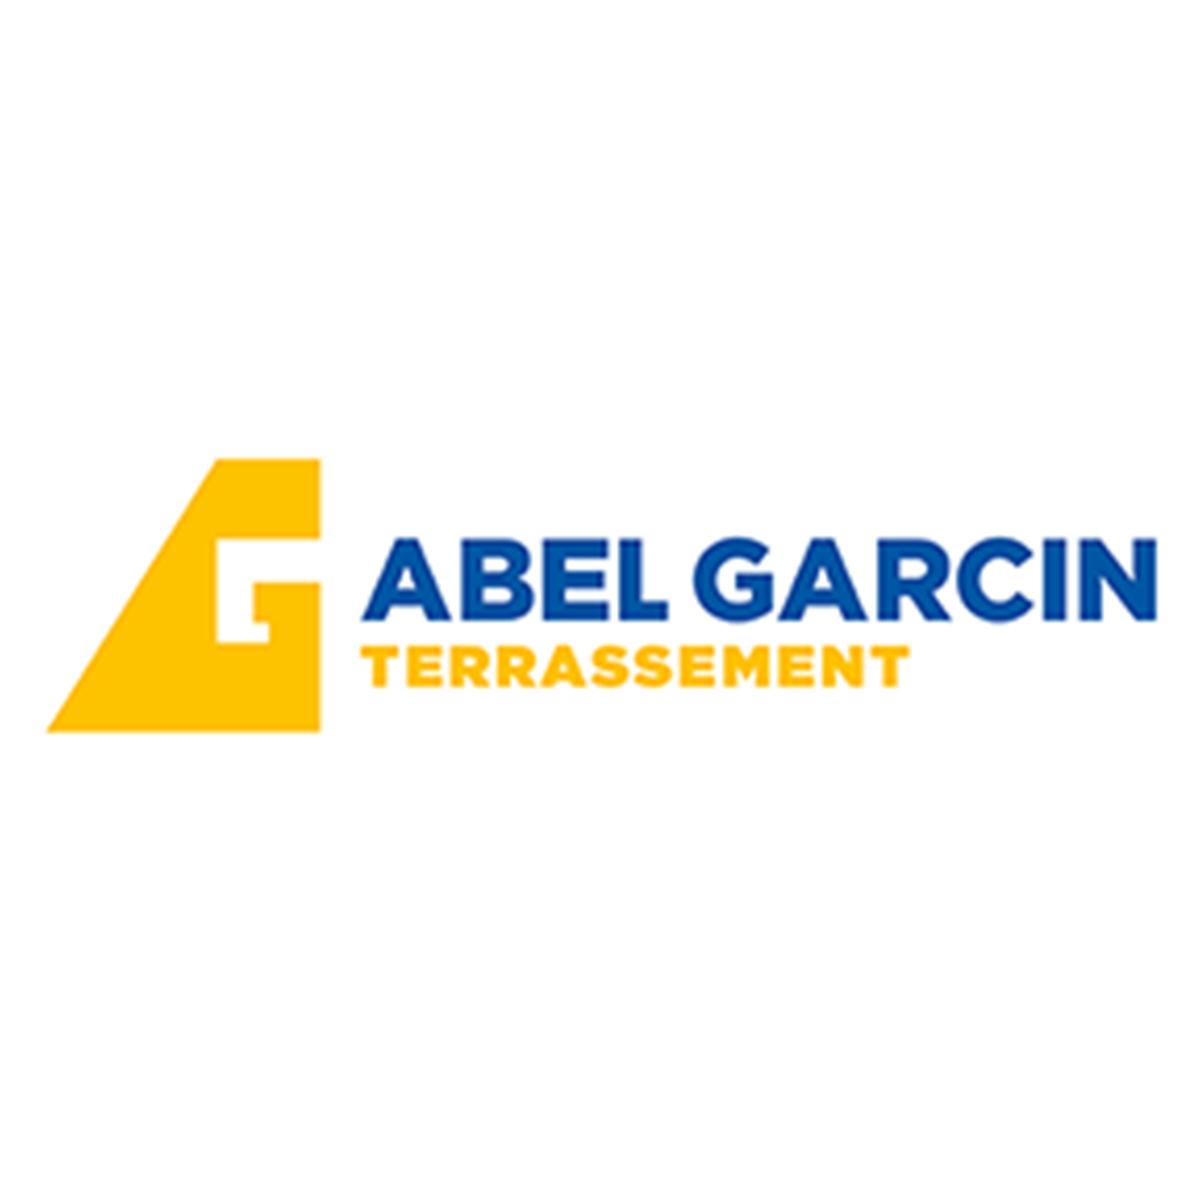 ABEL GARCIN